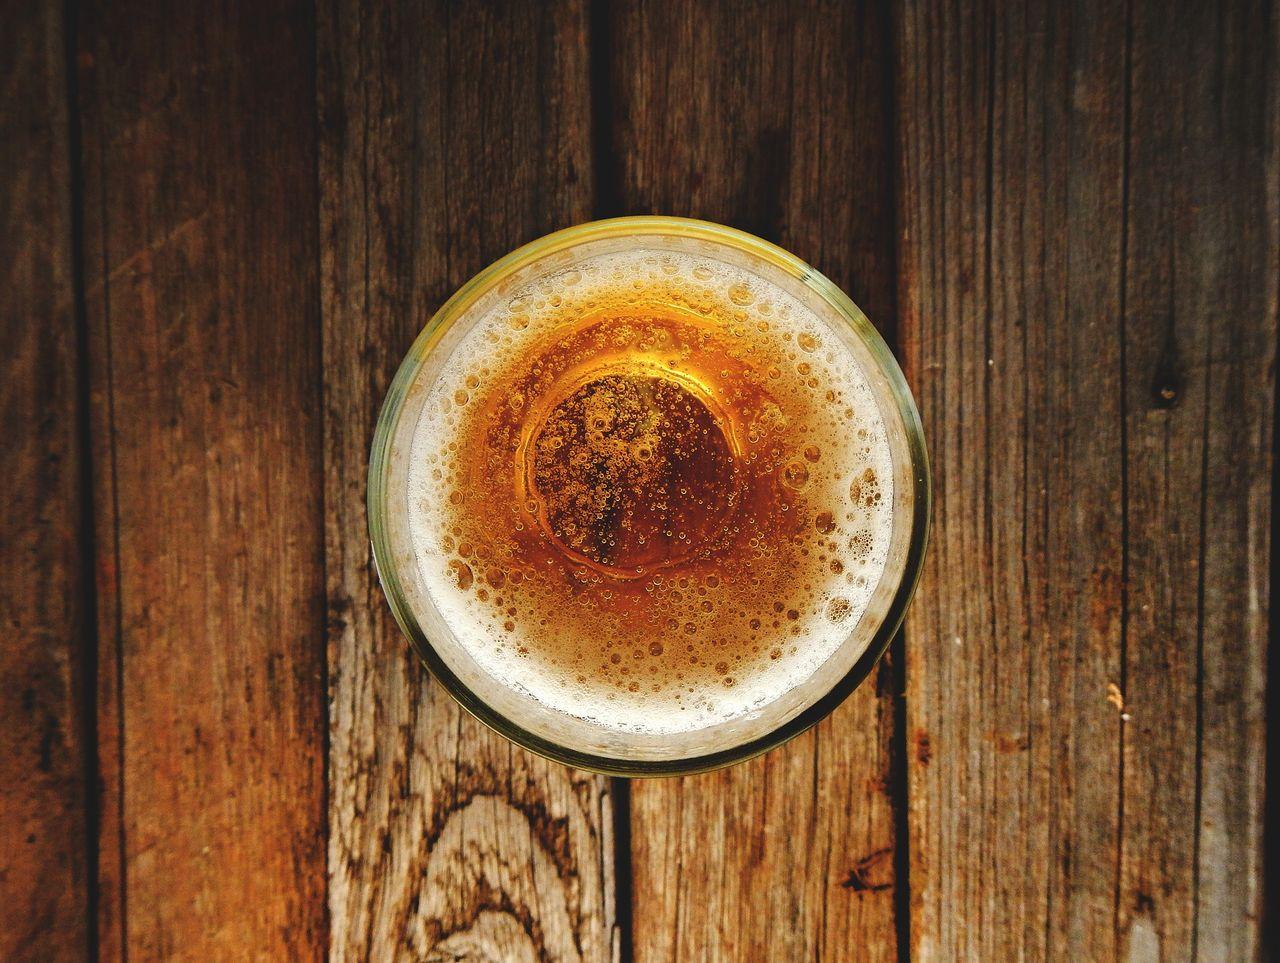 Systembolaget öppnar ny butik med bara öl